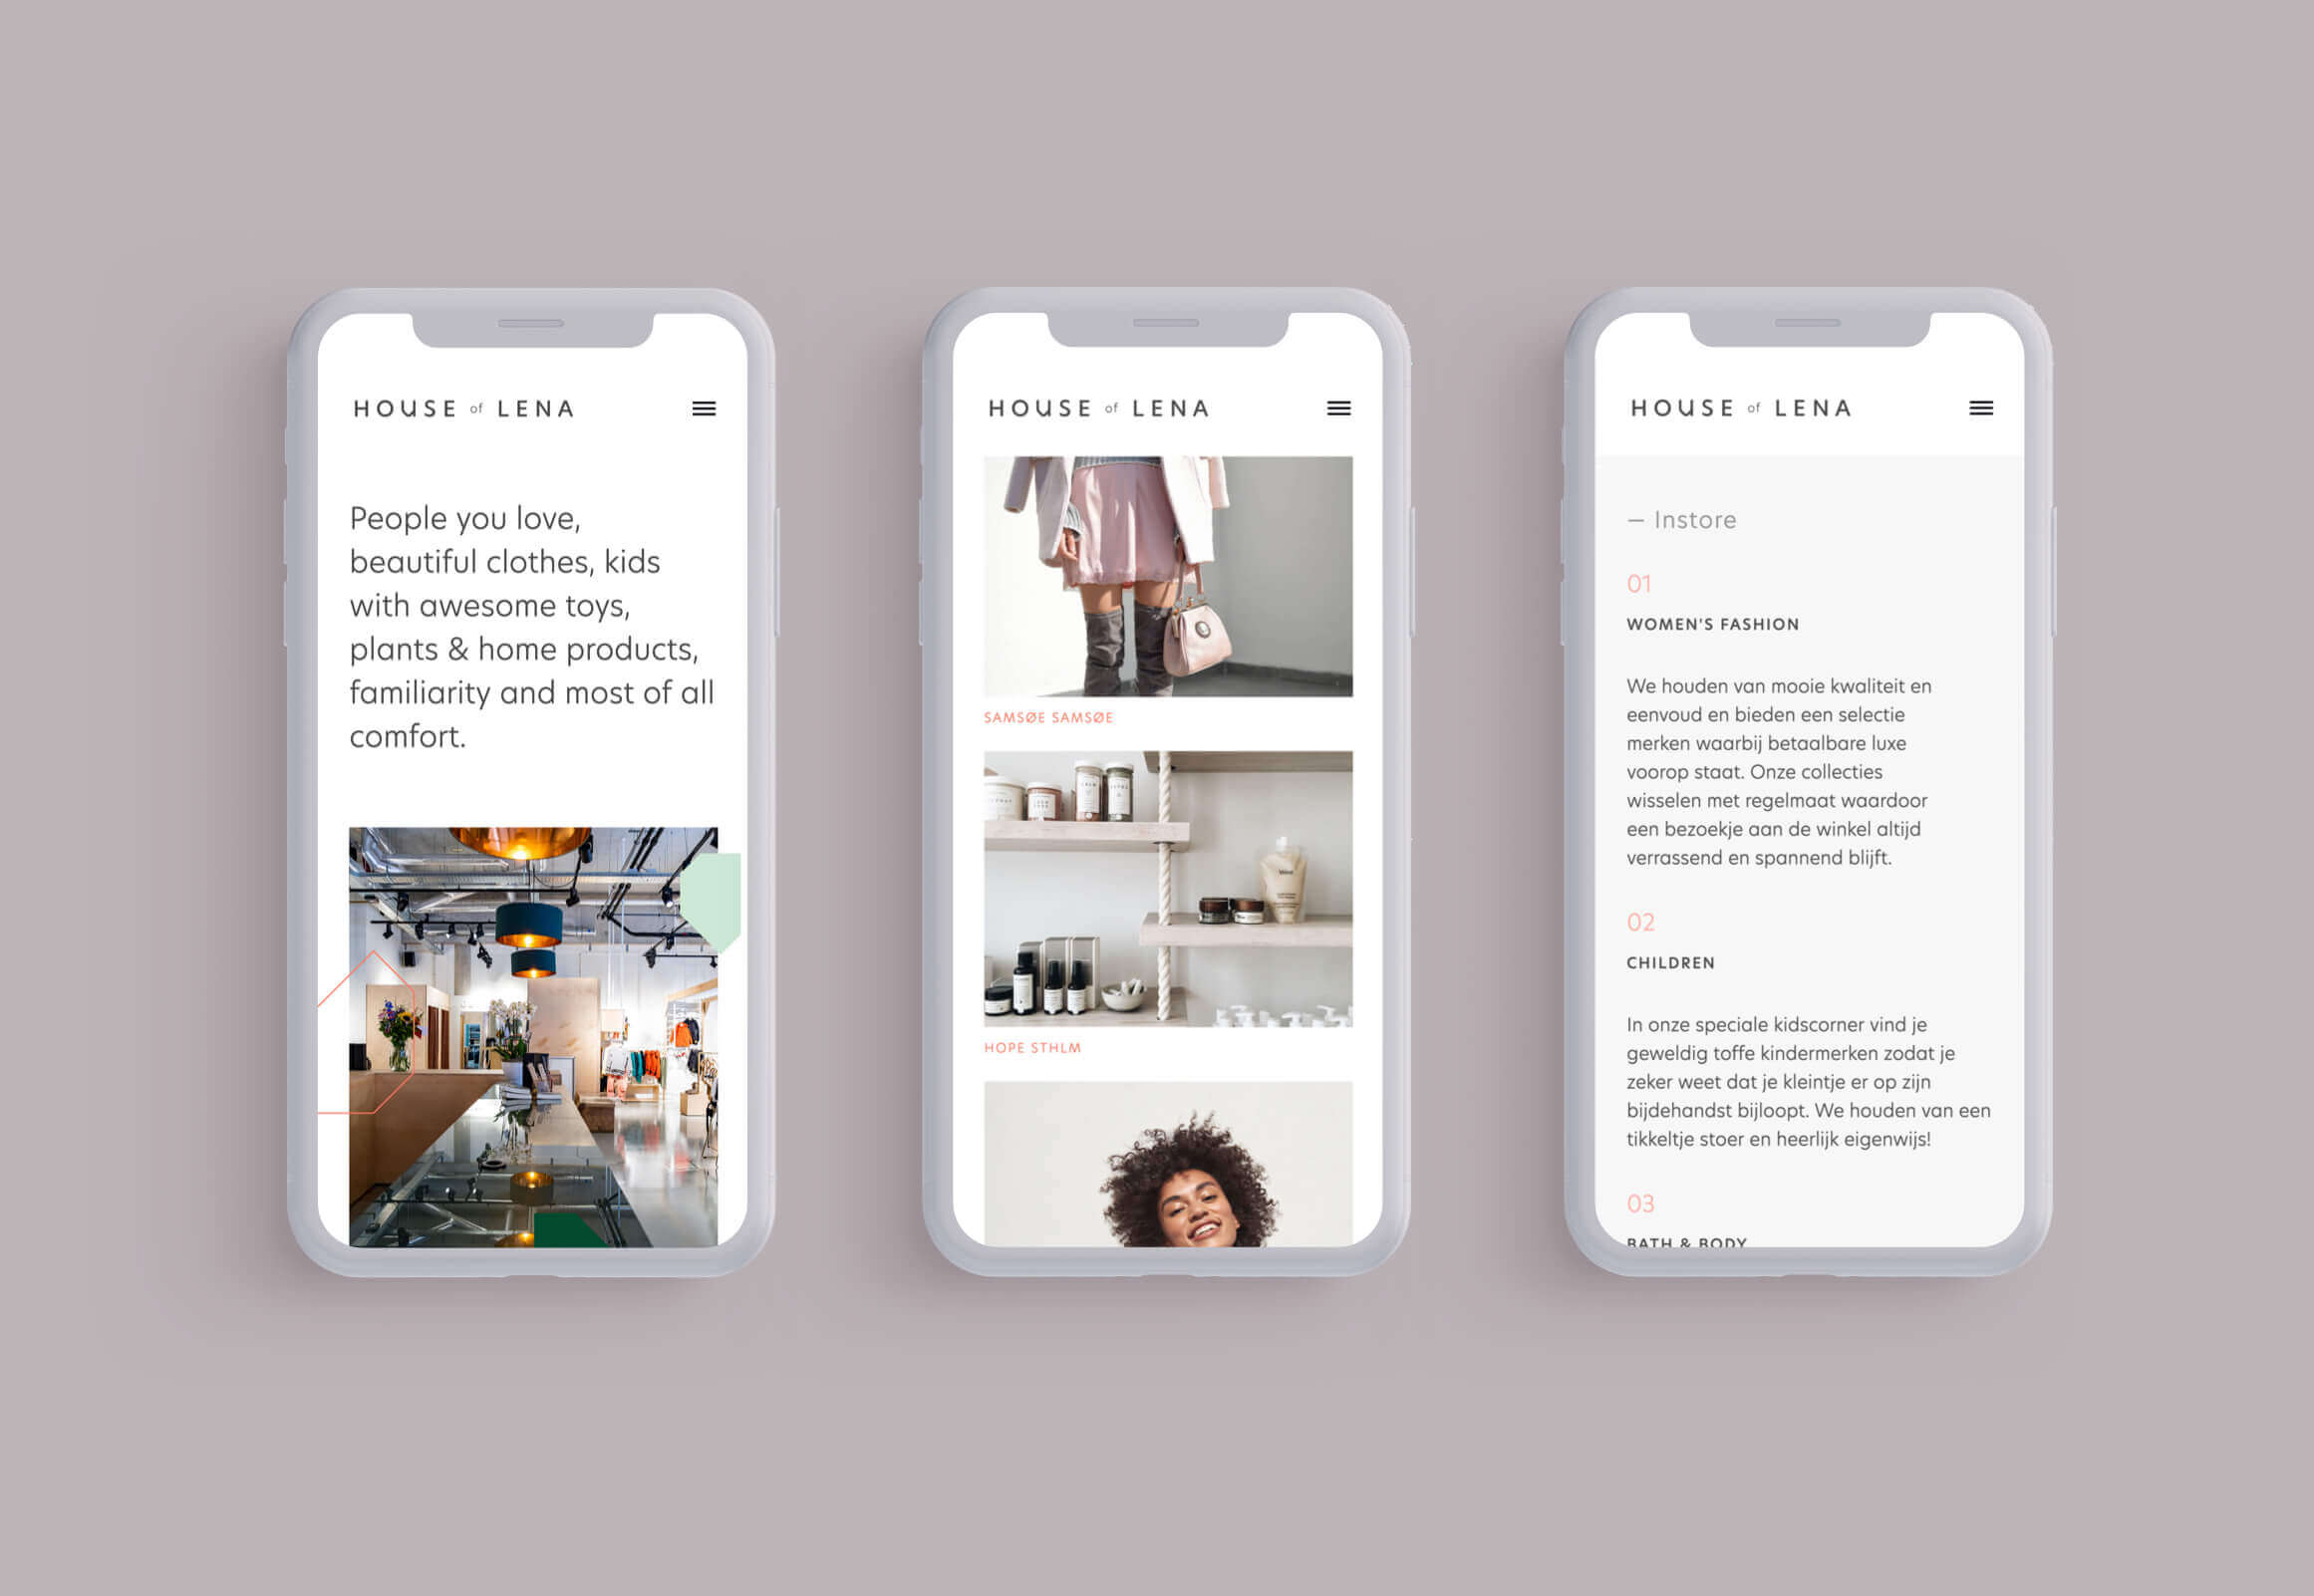 House of Lena website ontwerp afgebeeld op 3 mobiele telefoons